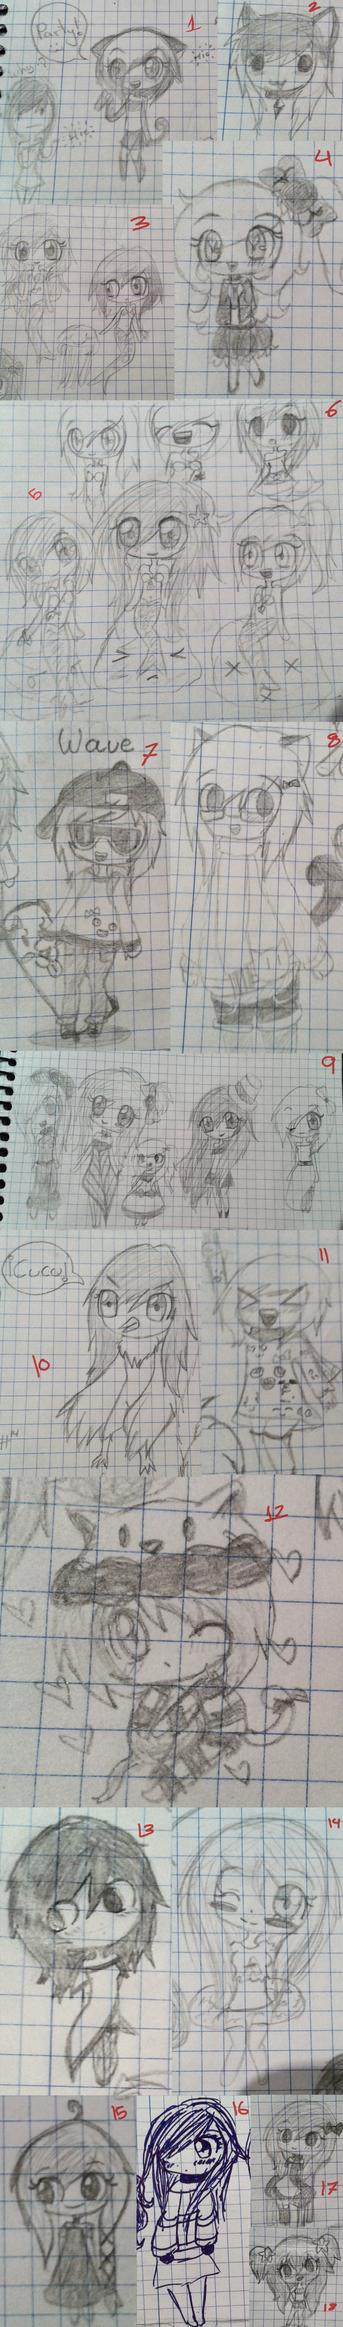 Bocetos y dibujos 001 by Espeloka